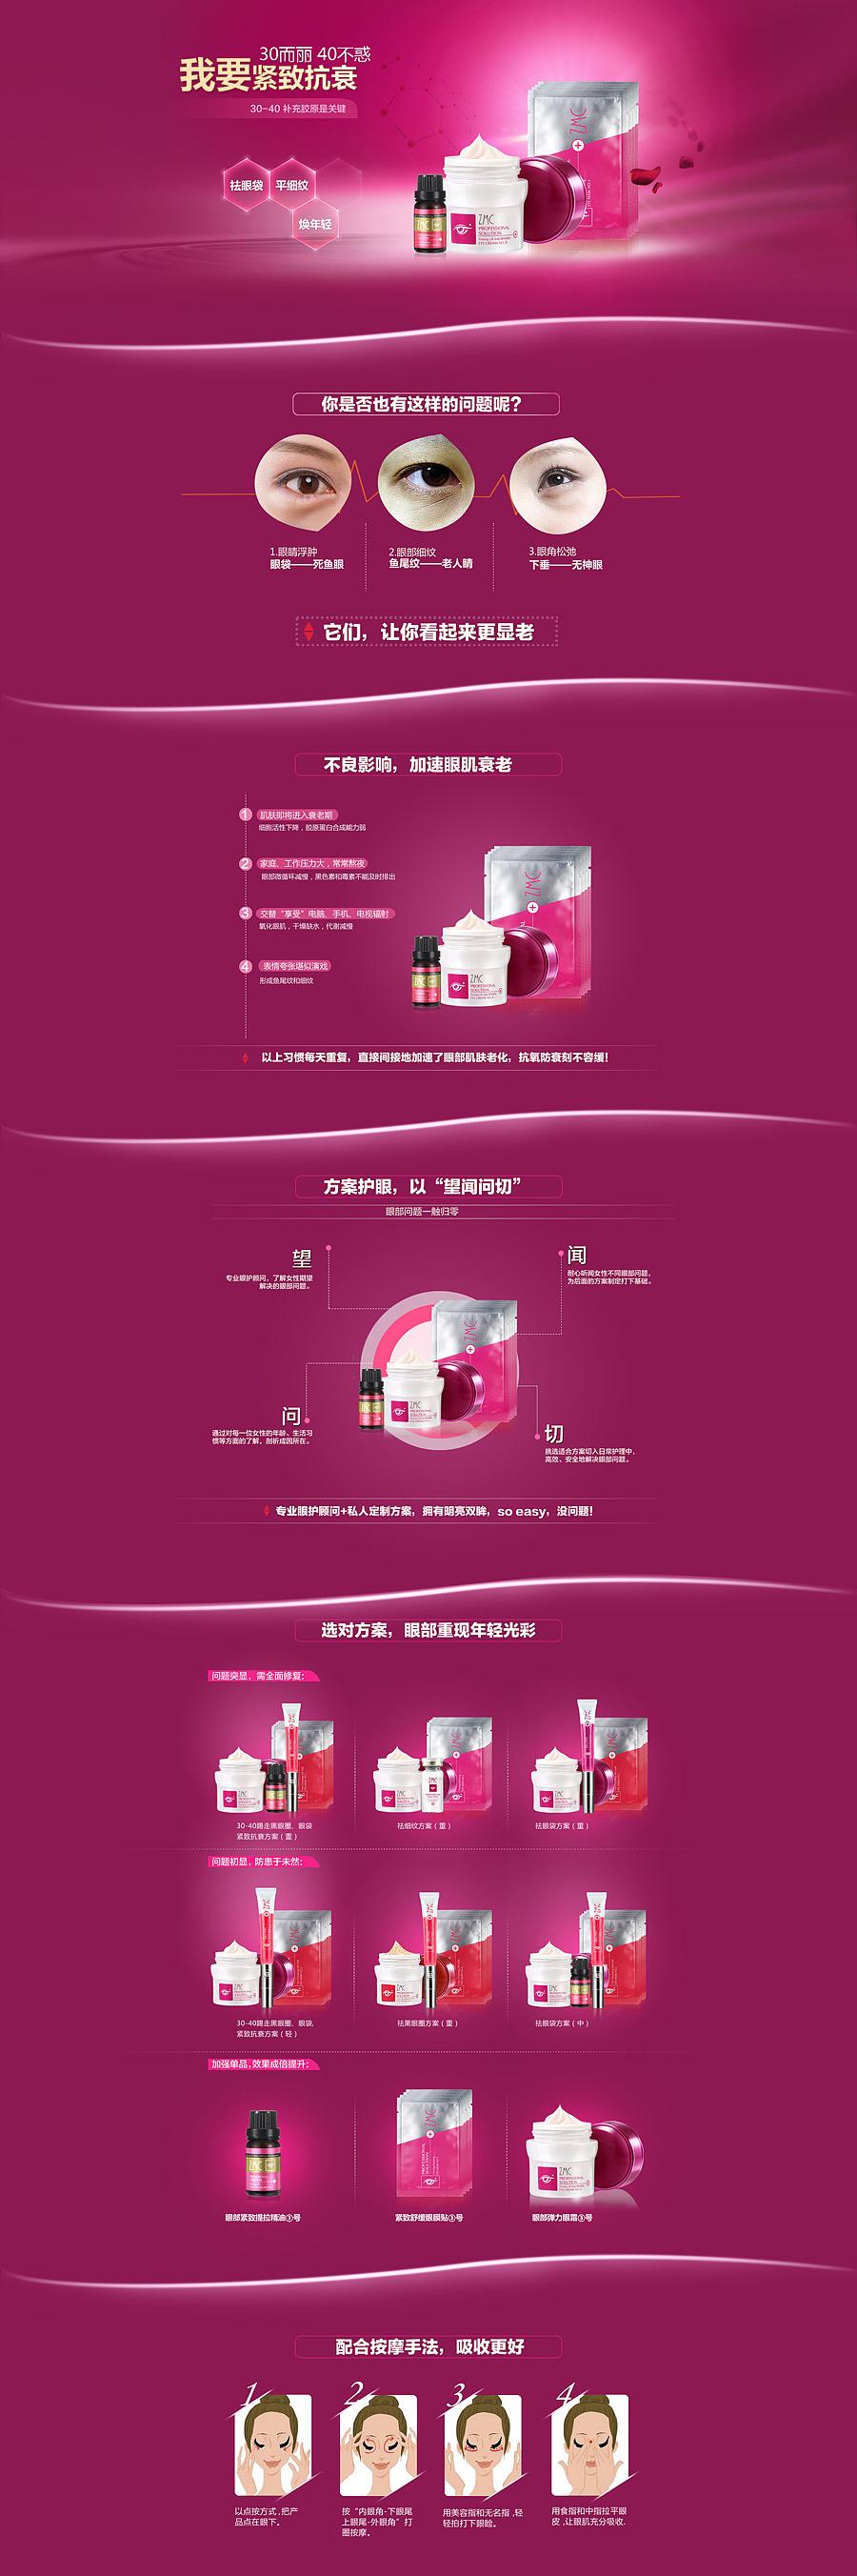 24 电子商务化妆品品牌《植美村》天猫商城定制配套二级页面设计案例2图片